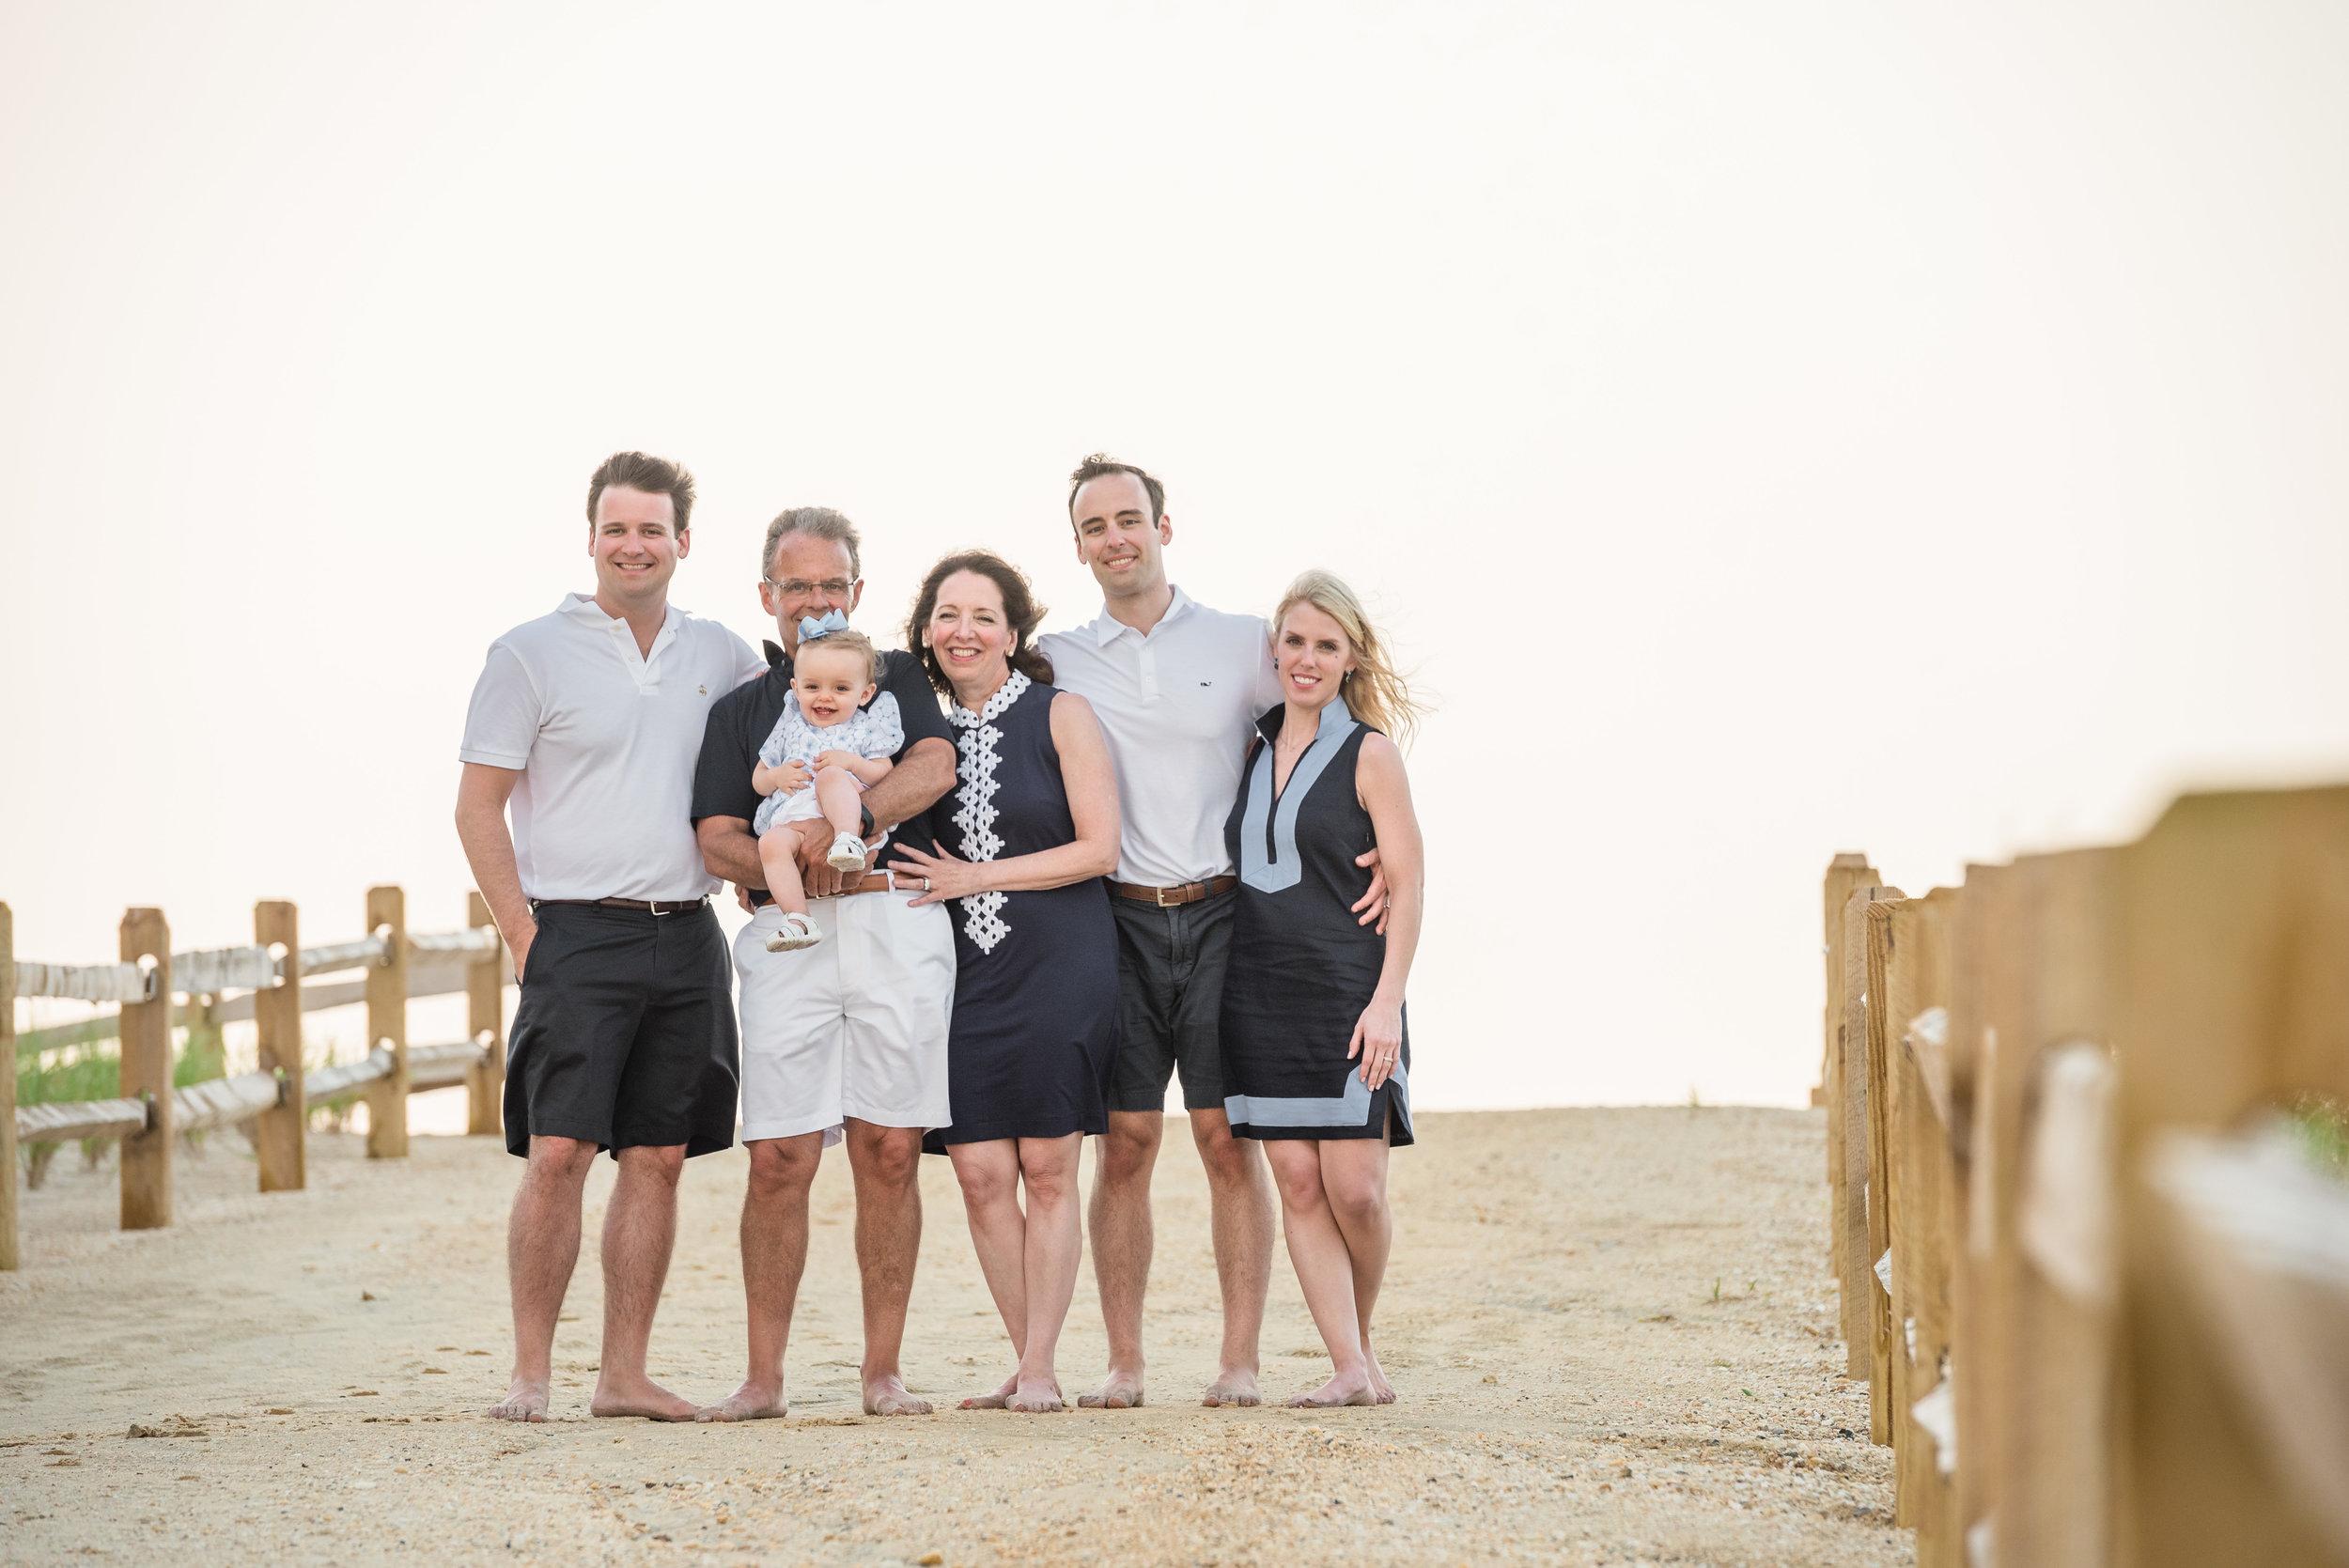 LBI Family Photos, The Marcel Family 12